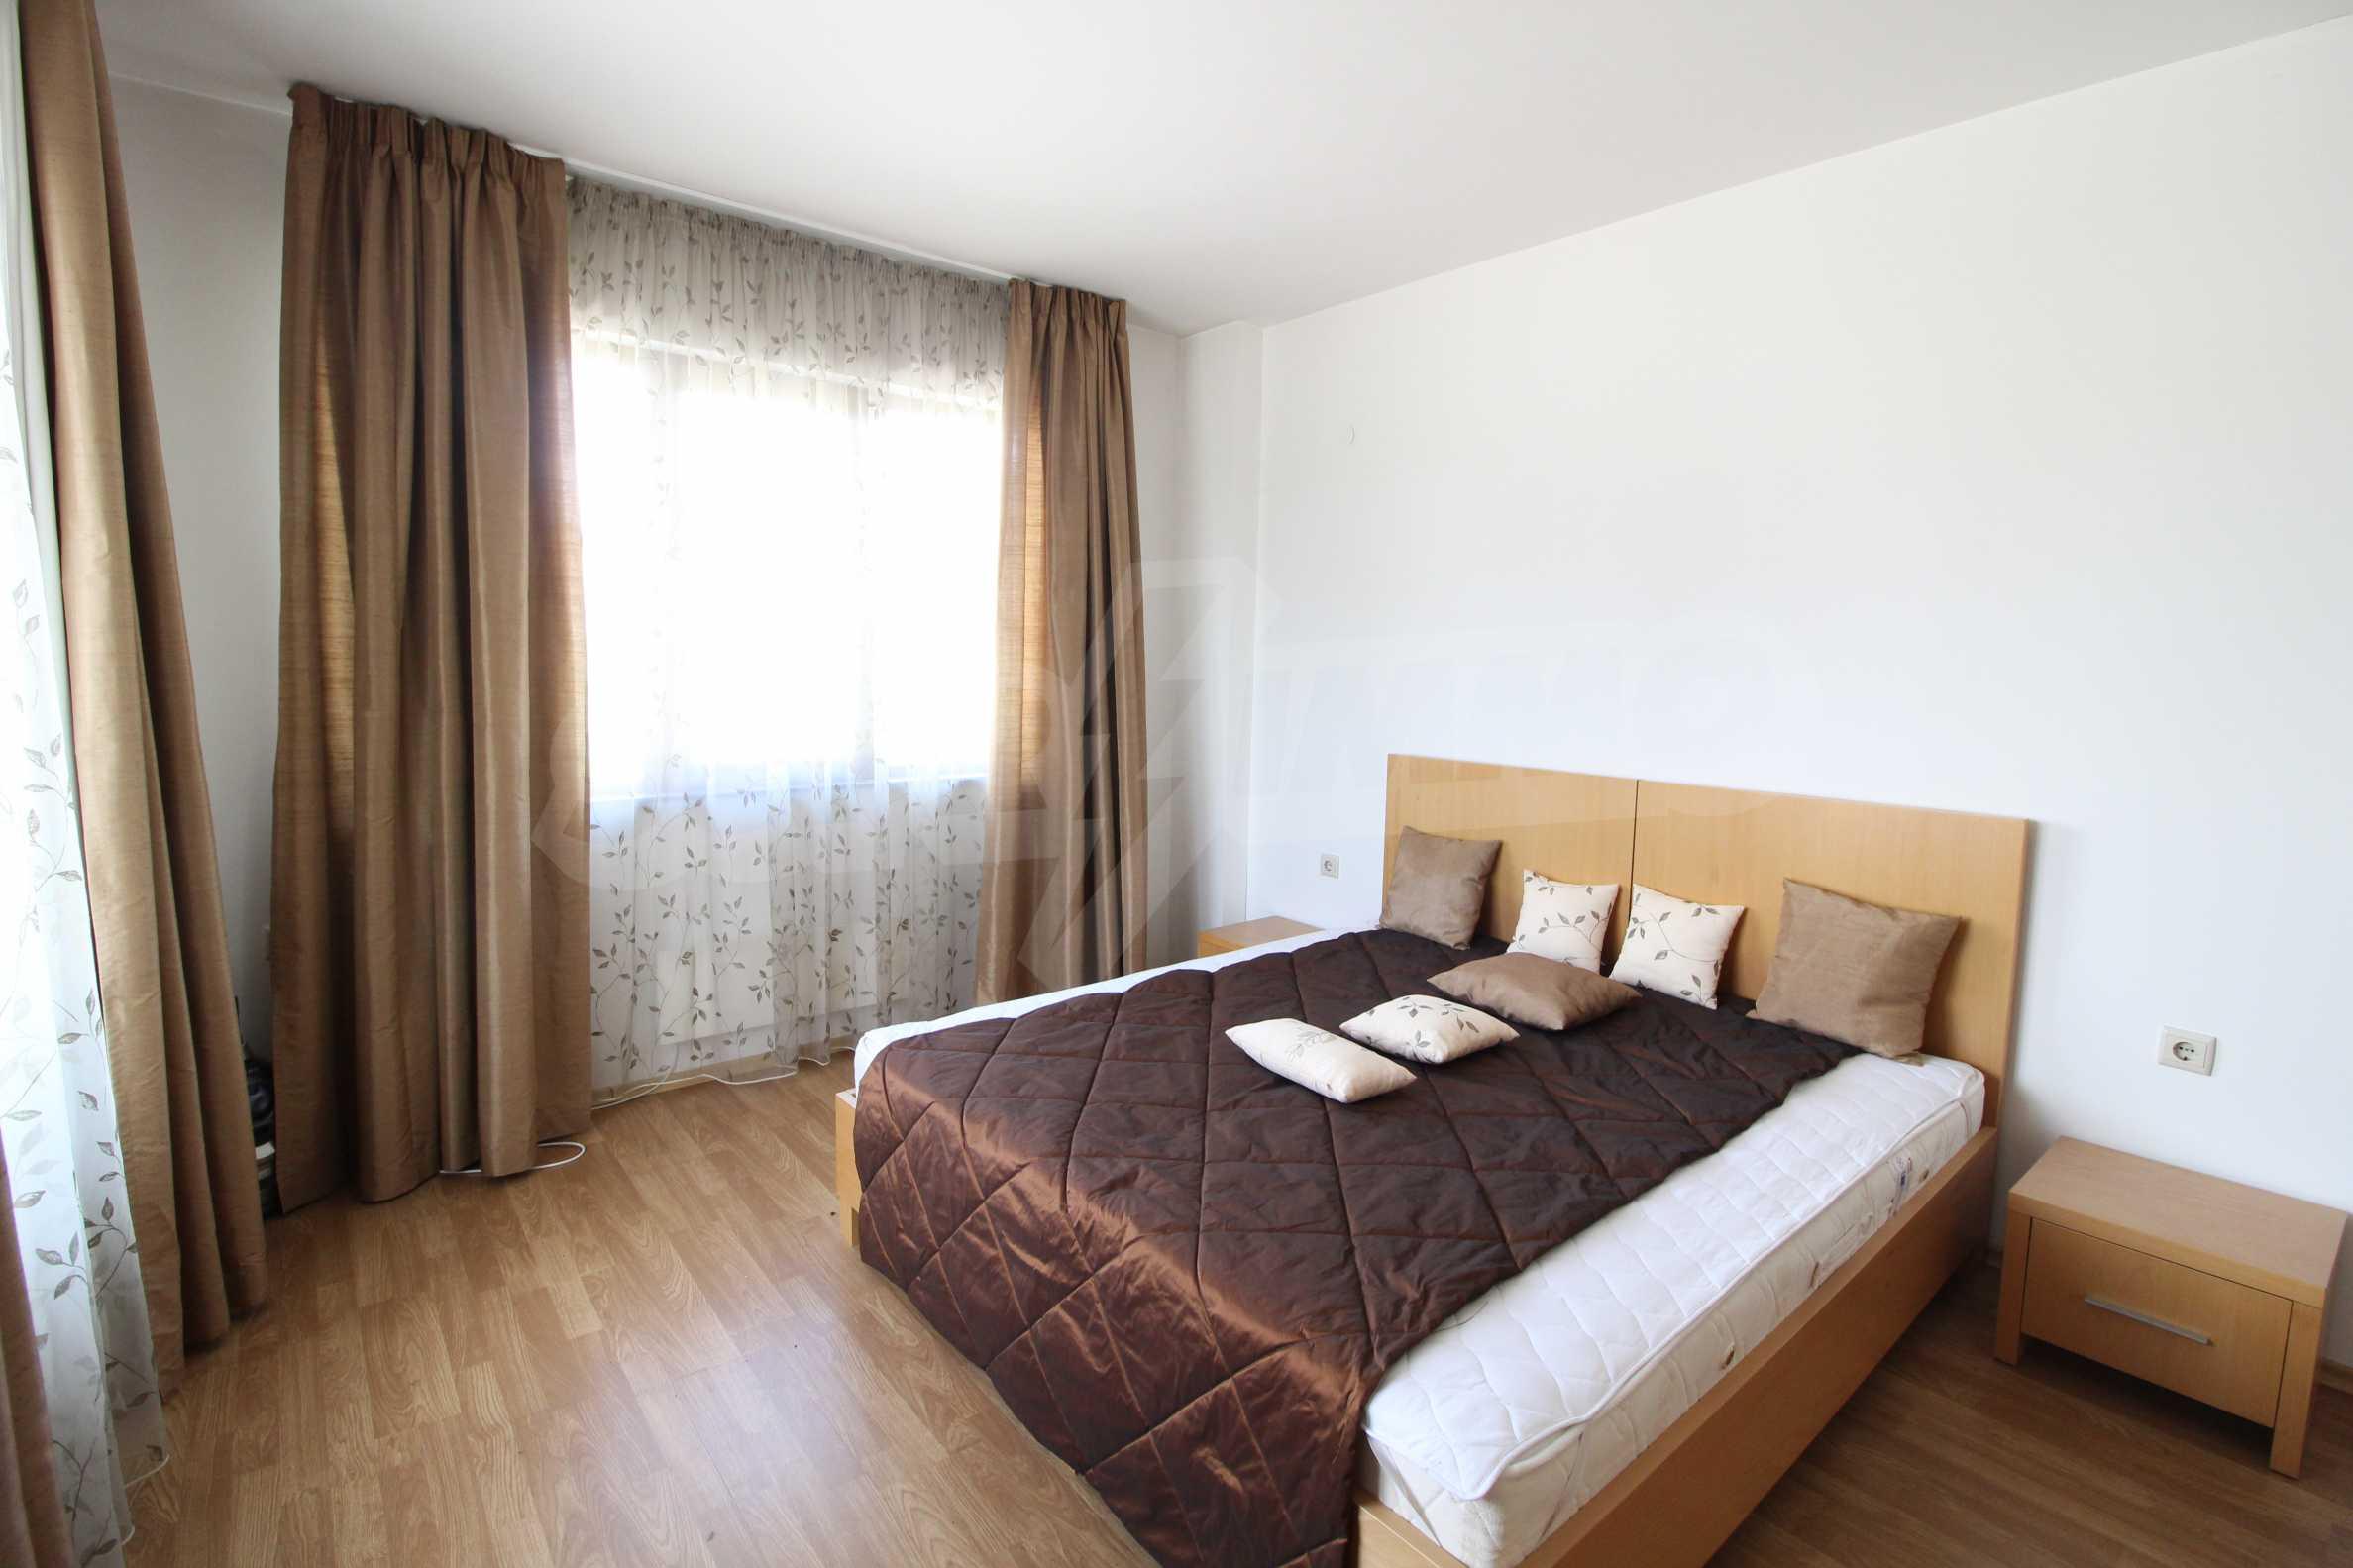 Möbliertes Apartment mit zwei Schlafzimmern im Top Lodge-Komplex, nur wenige Meter vom Skilift in Bansko entfernt 5